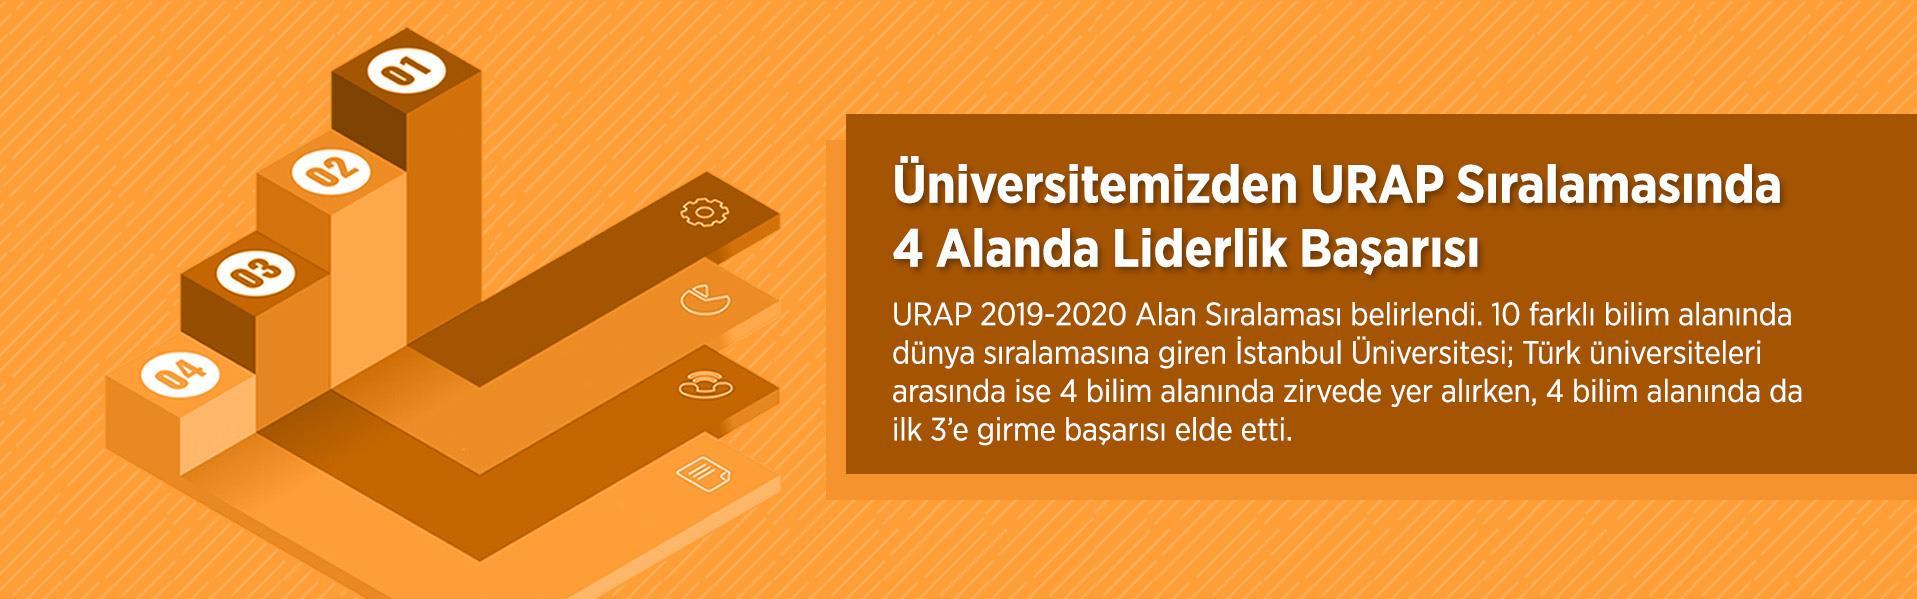 URAP Başarı Liderlik Akademik-Performans